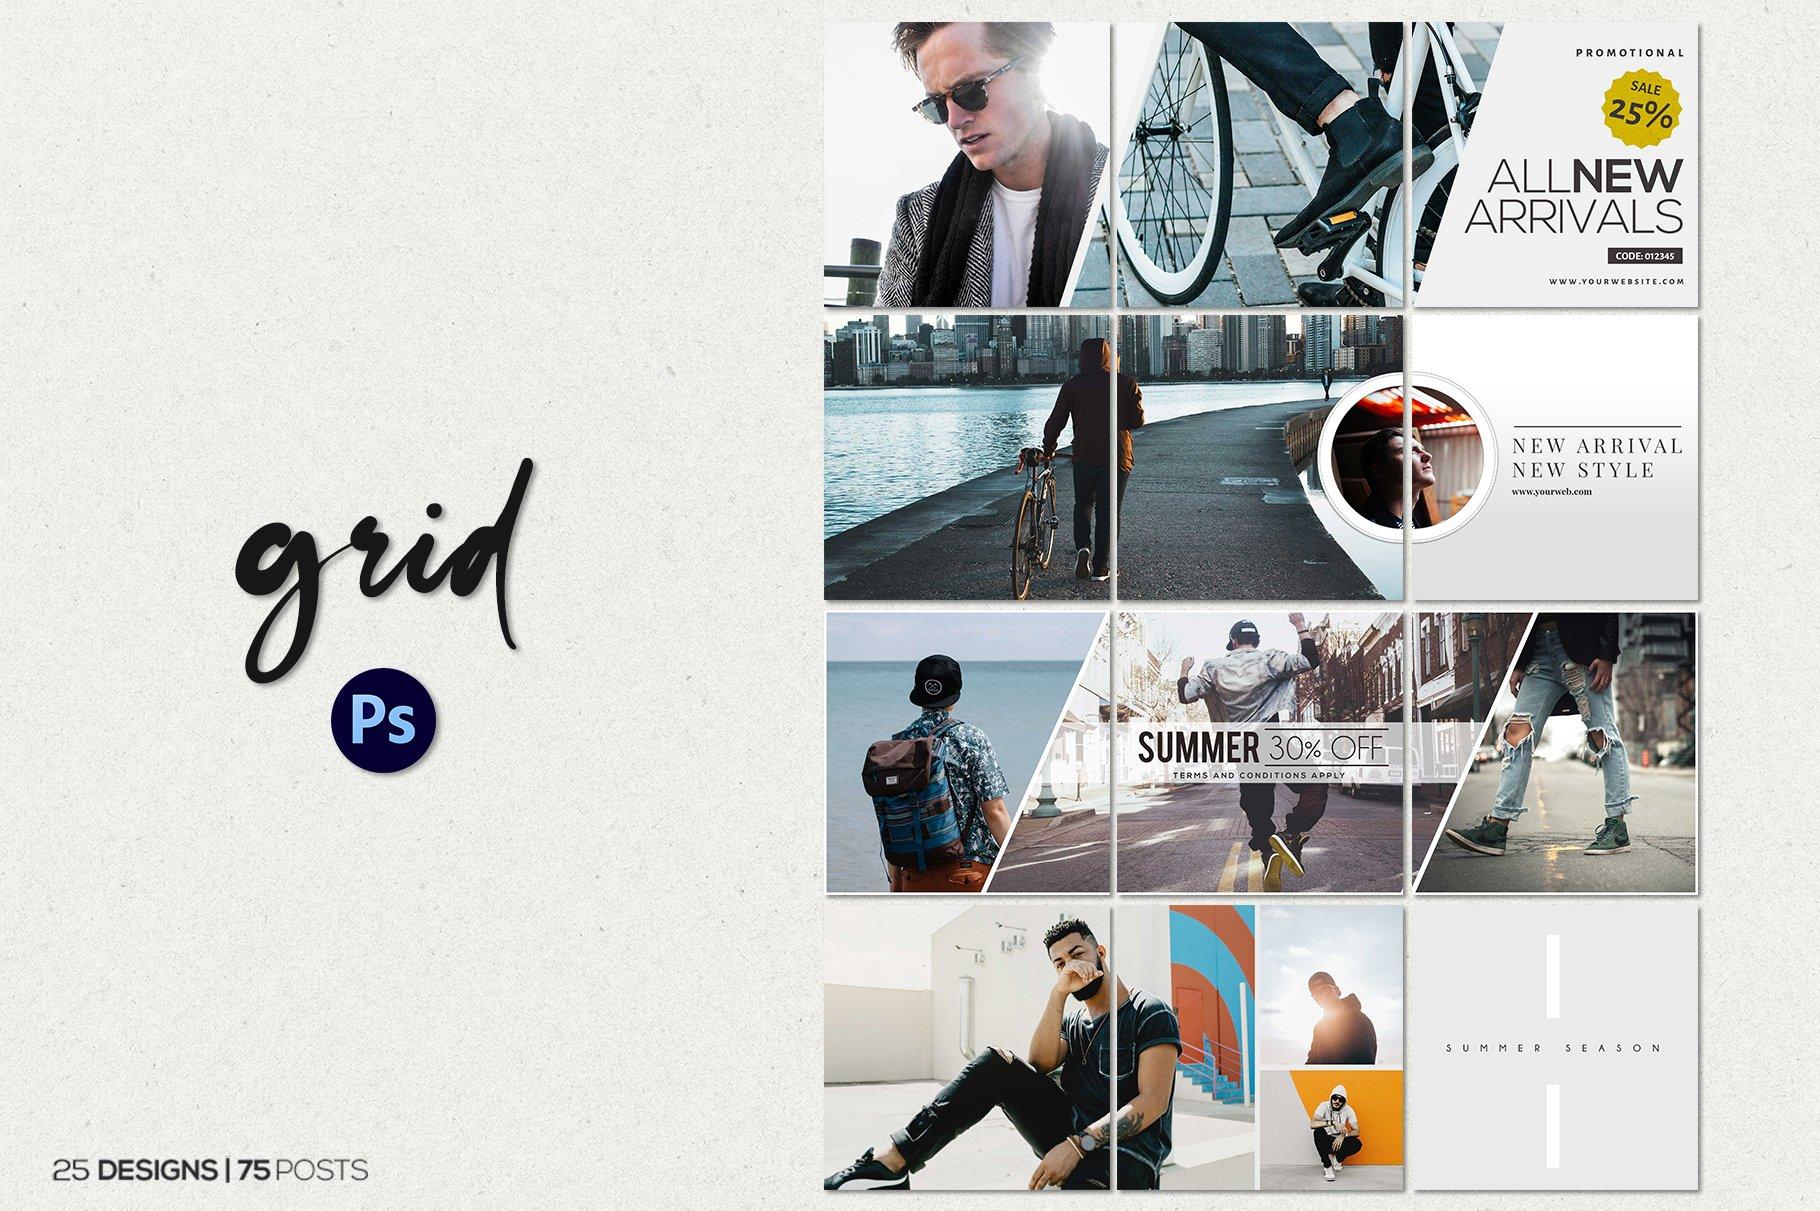 毛笔笔刷效果新媒体电商海报设计PSD模板 Agenda Insta Grid (Triple Posts)插图(2)